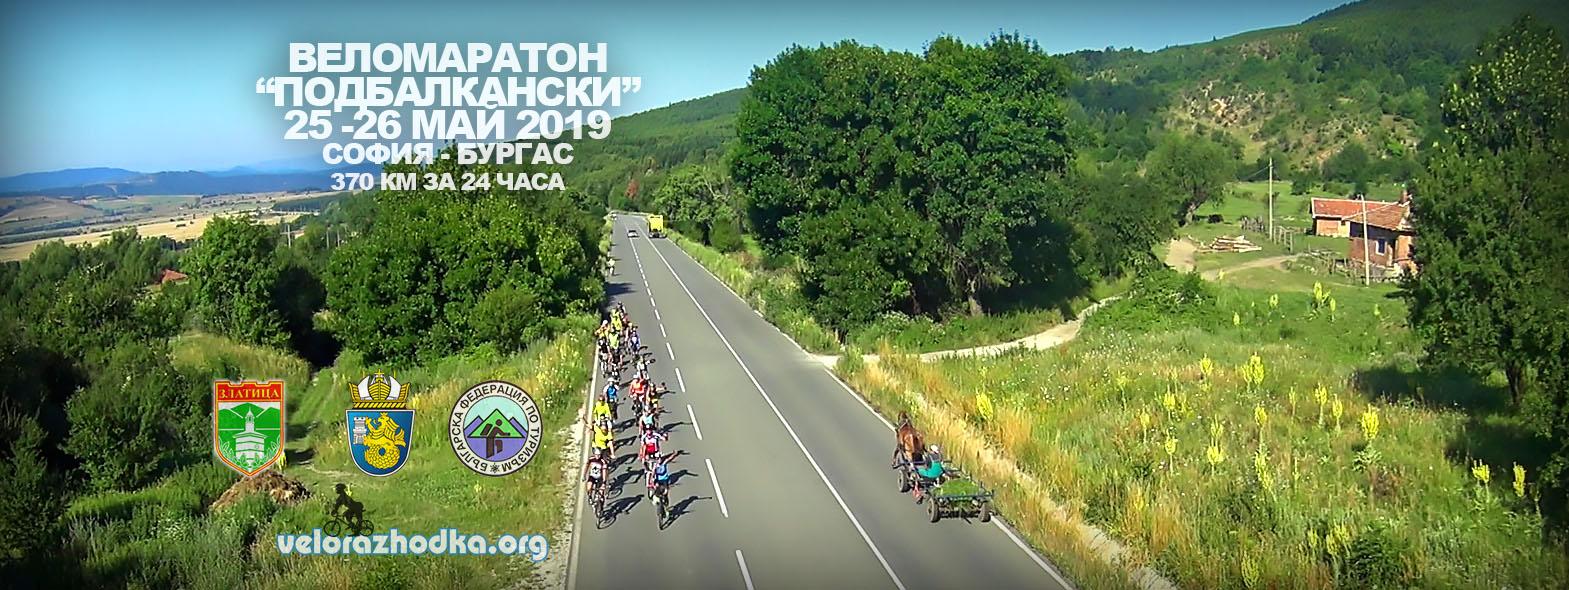 Веломаратон Подбалкански  2019 София - Бургас 370 км за 24 часа